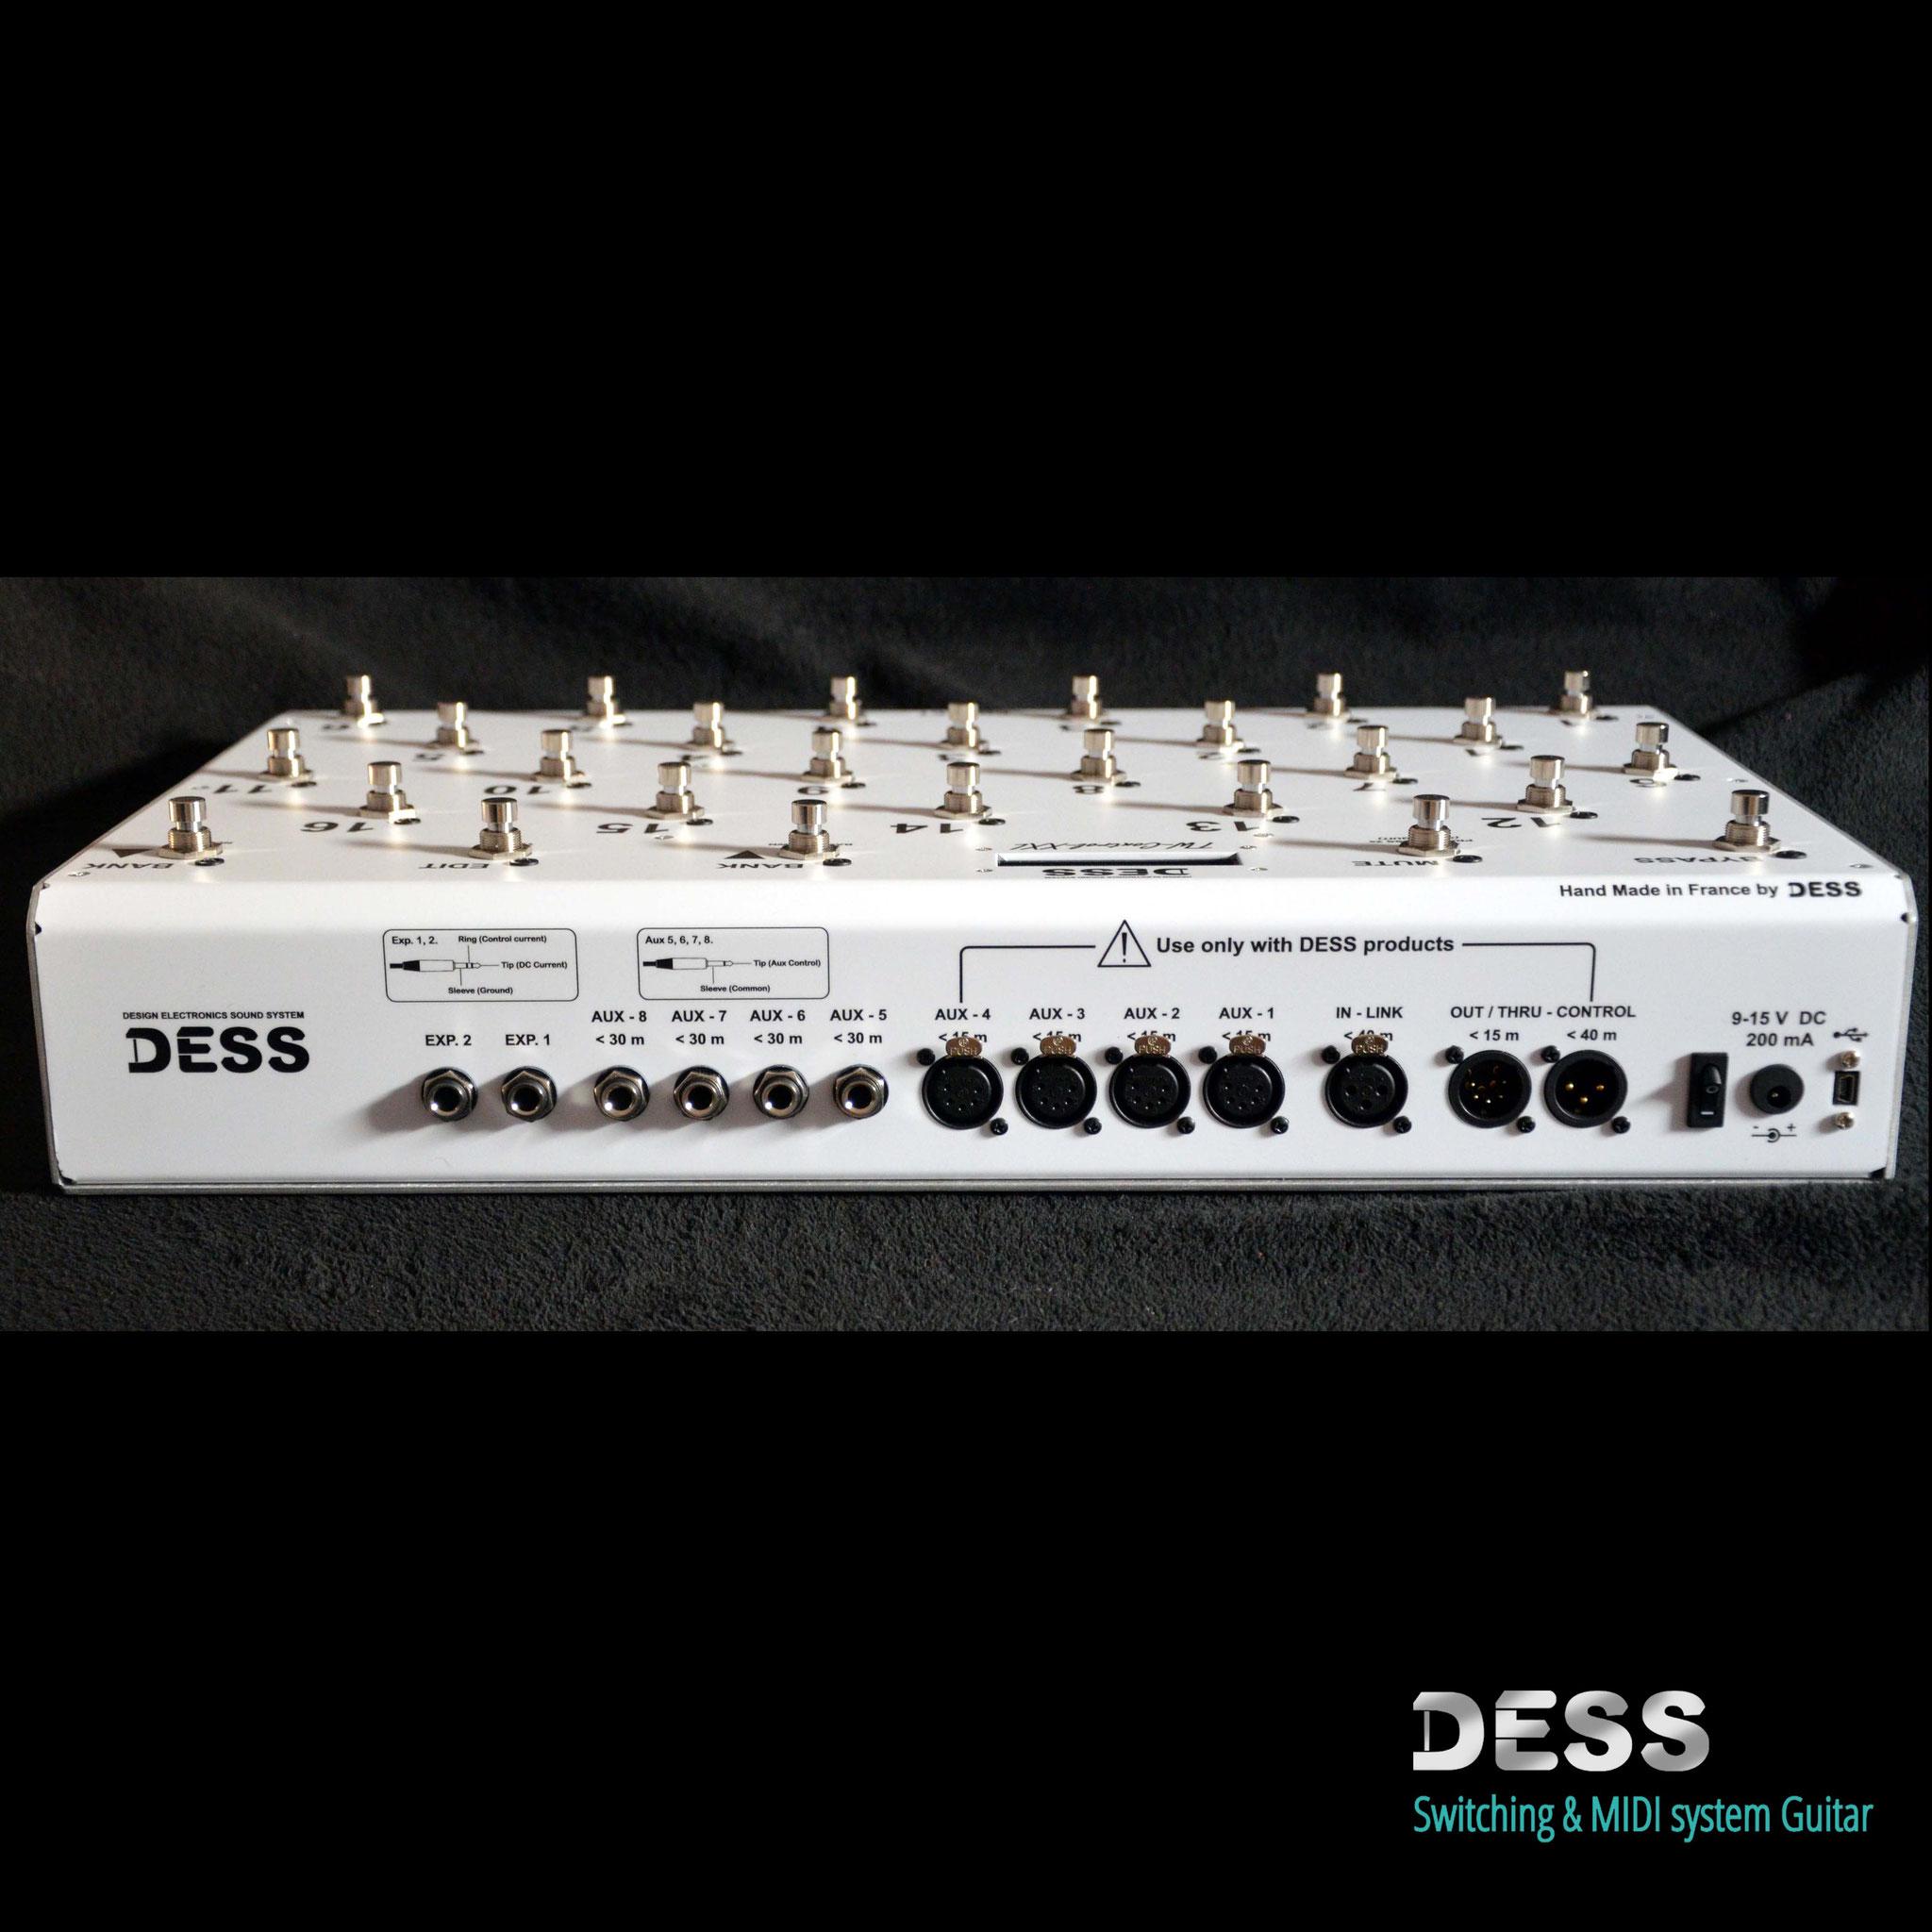 TW-Control XXL, DESS, Footcontroler, Pedalier, 27 Switch